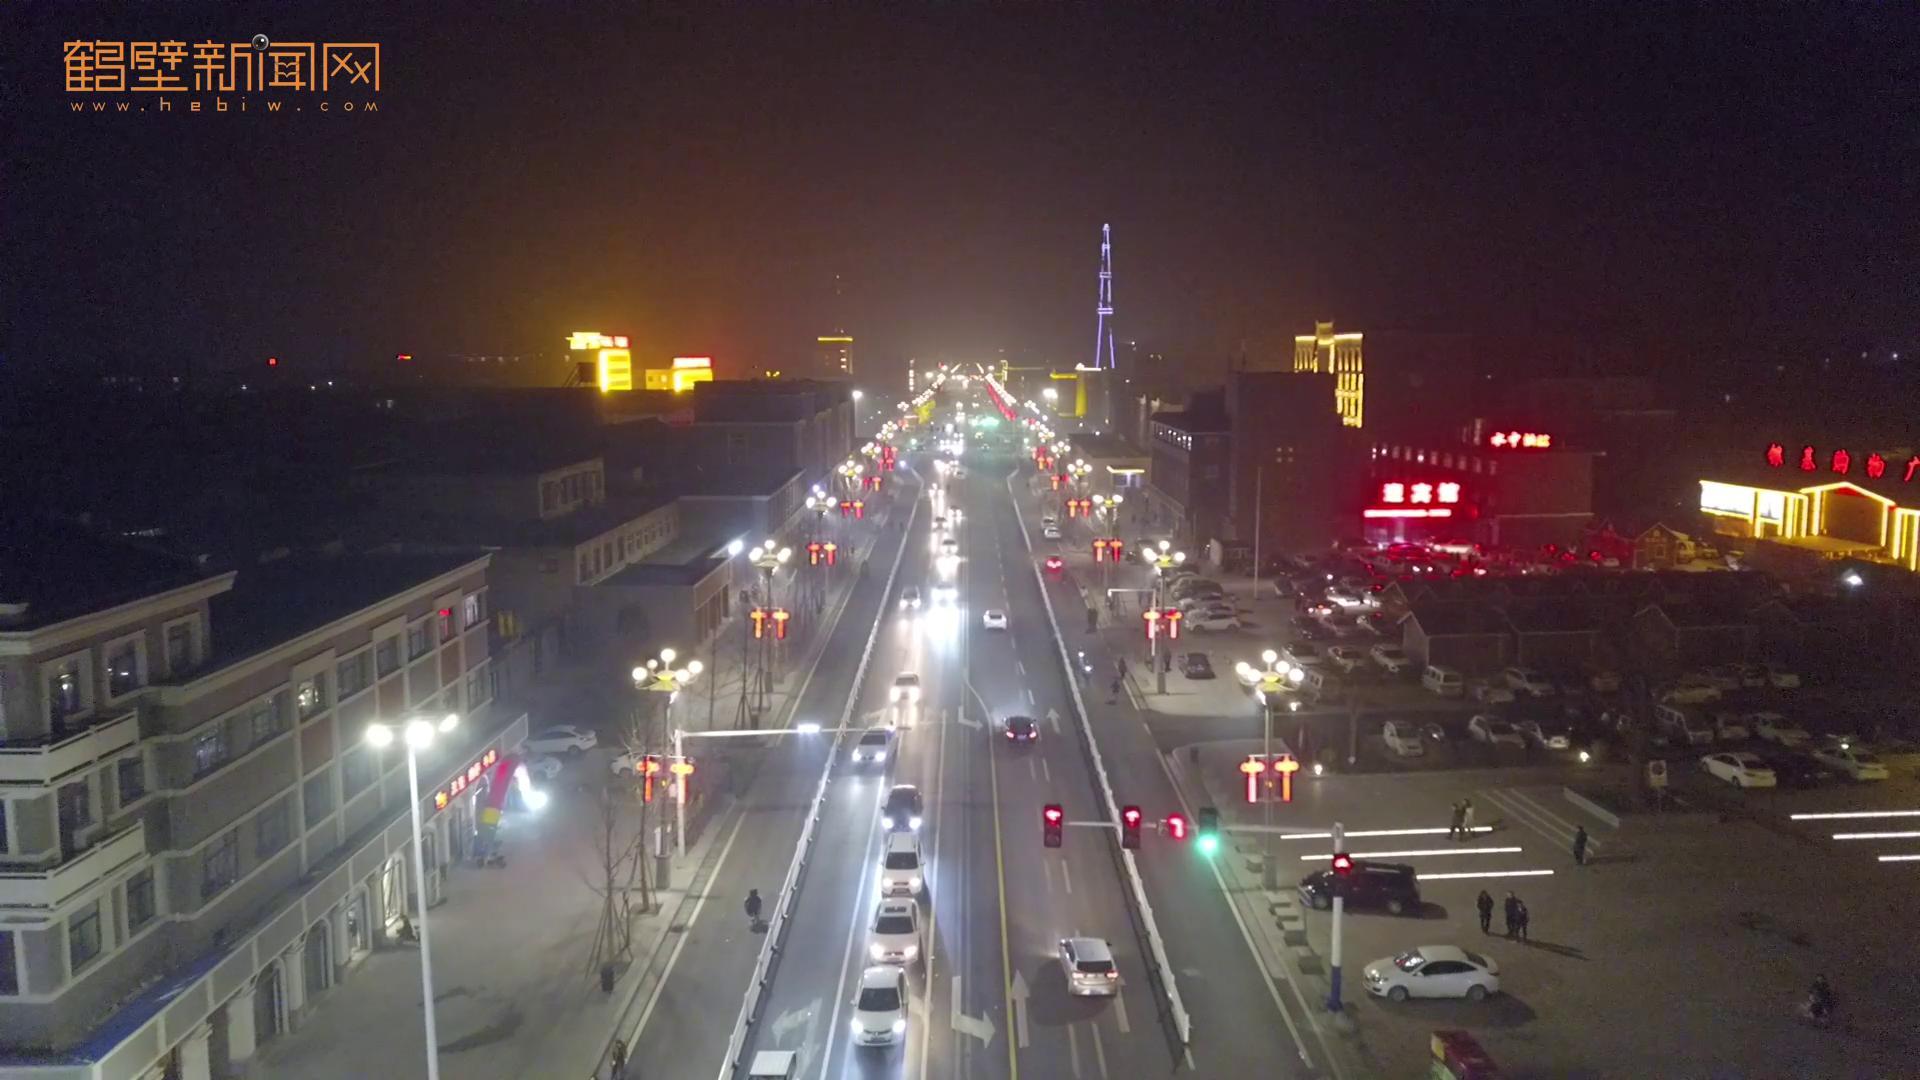 浚县的古城 美丽的夜景